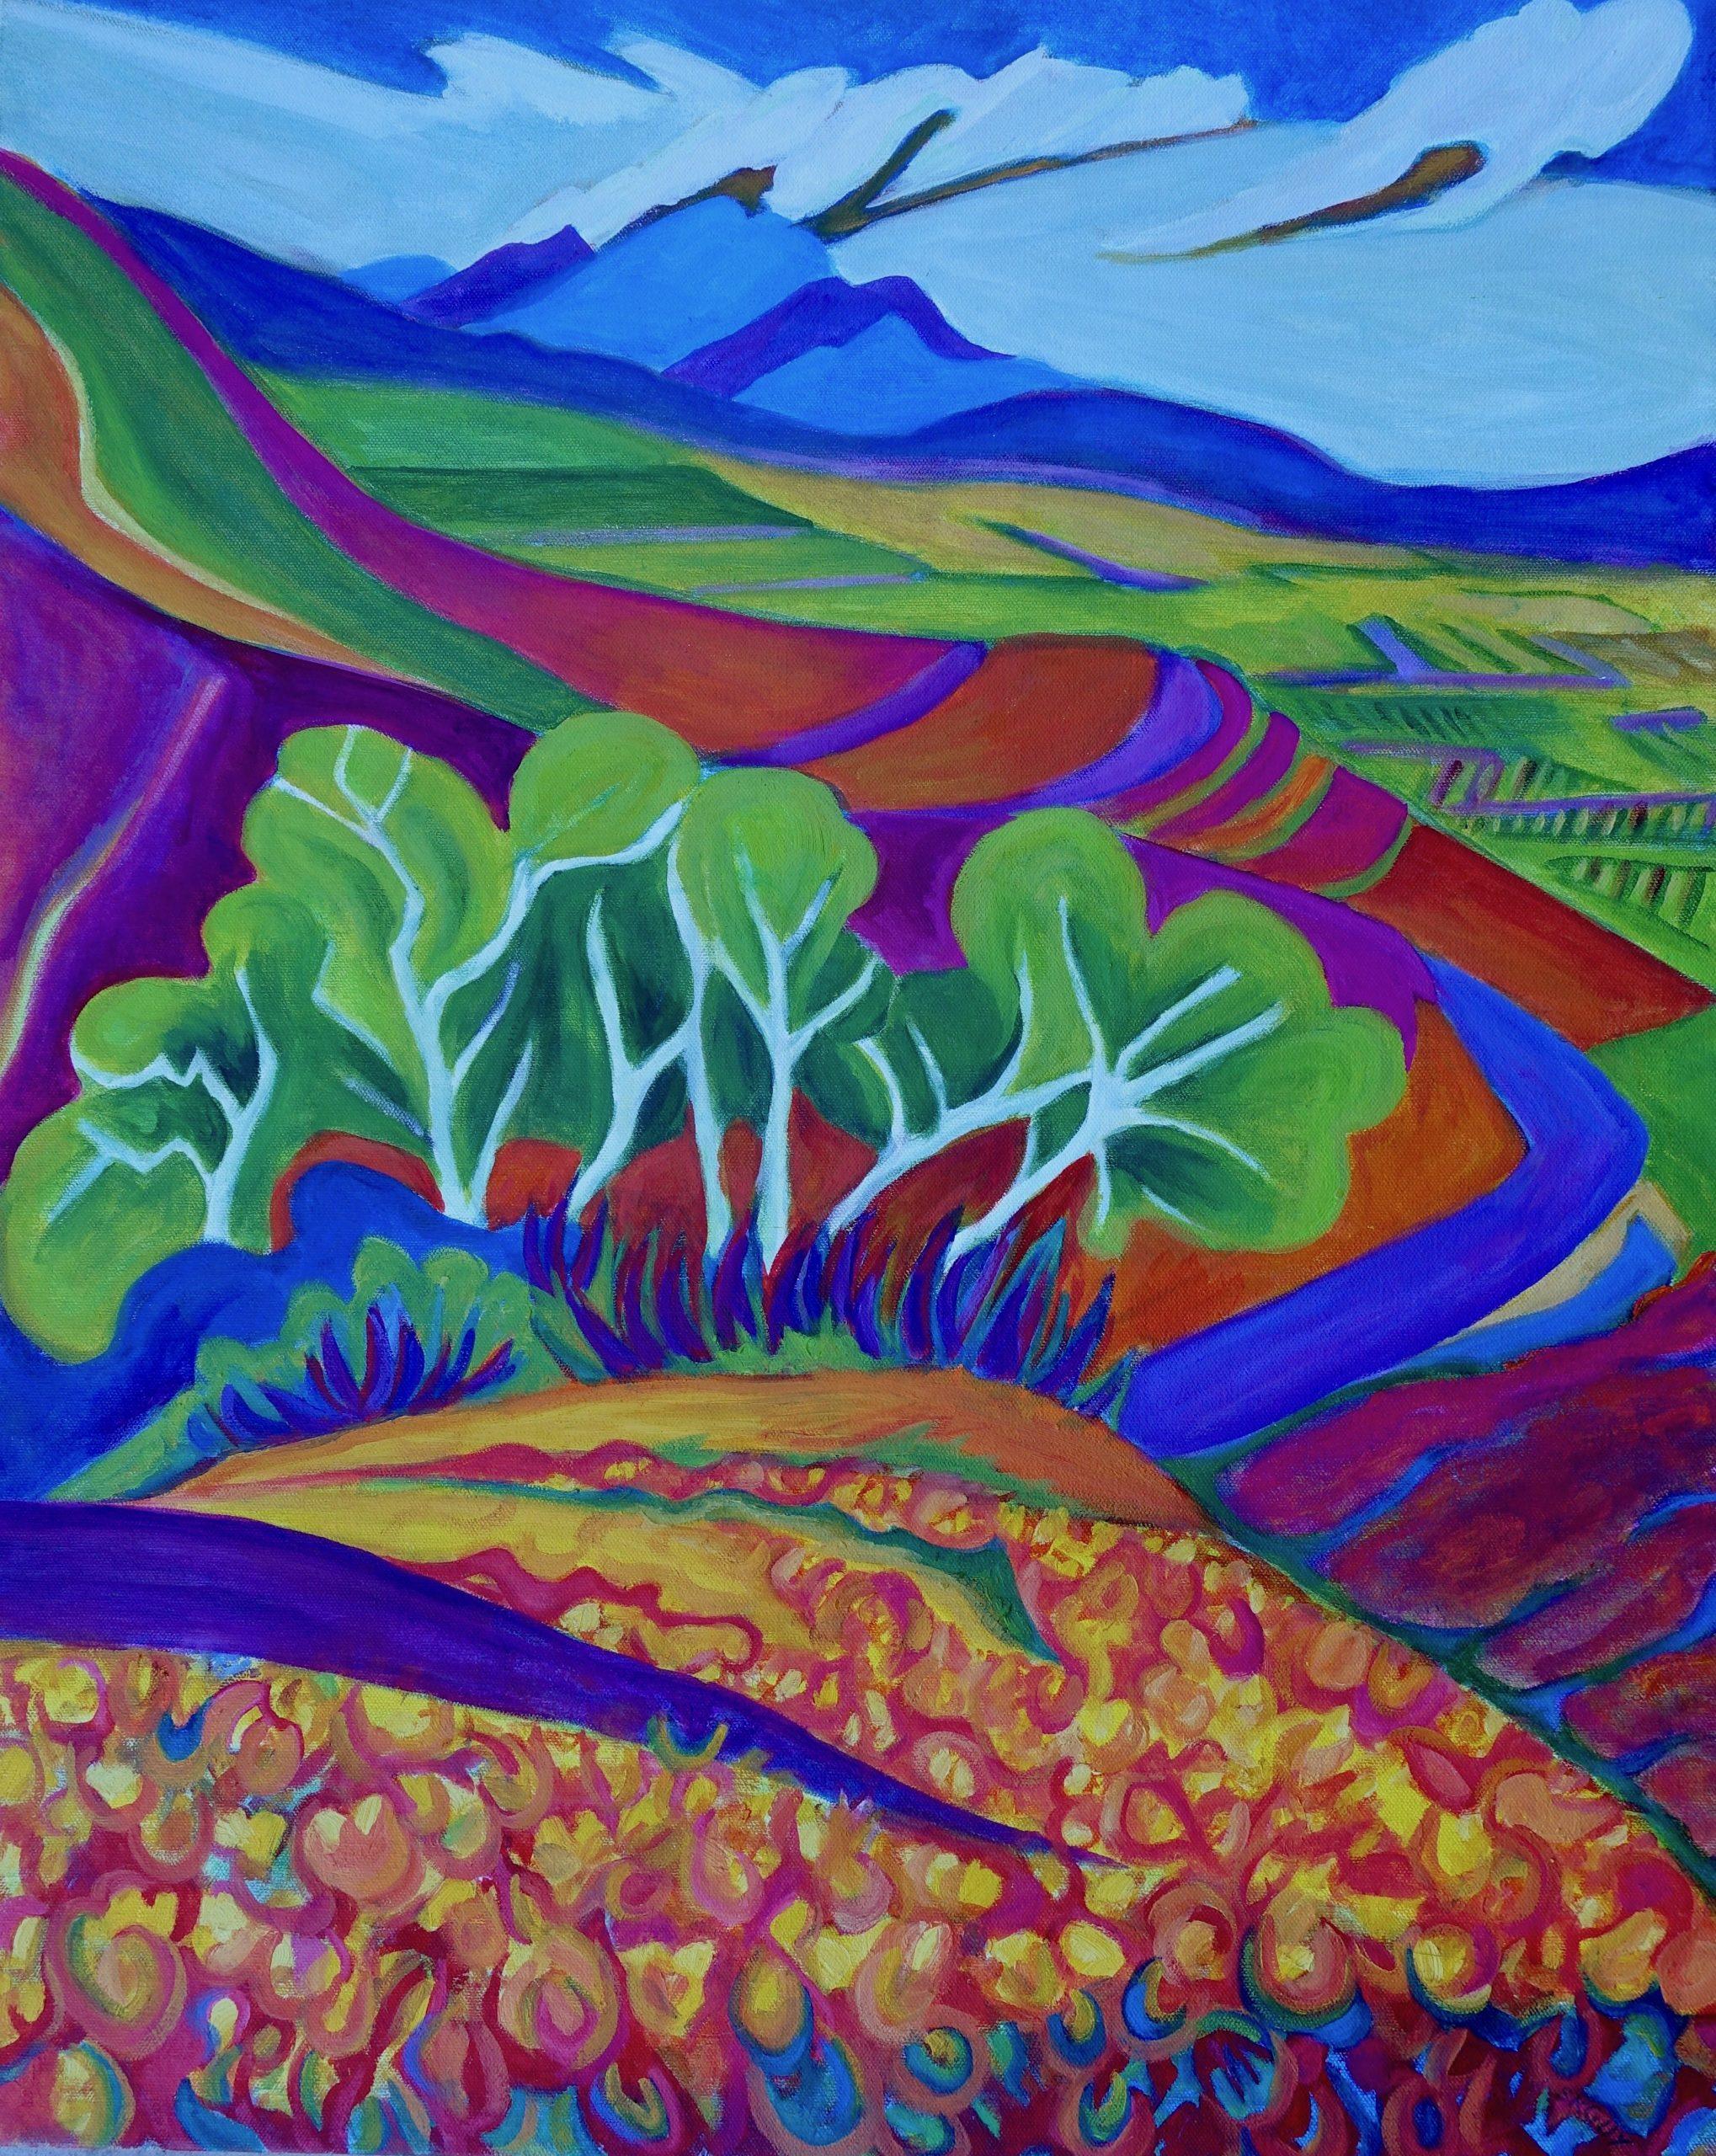 Susan Guy_Fox Canyon, Ojai Valley Land Conservancy